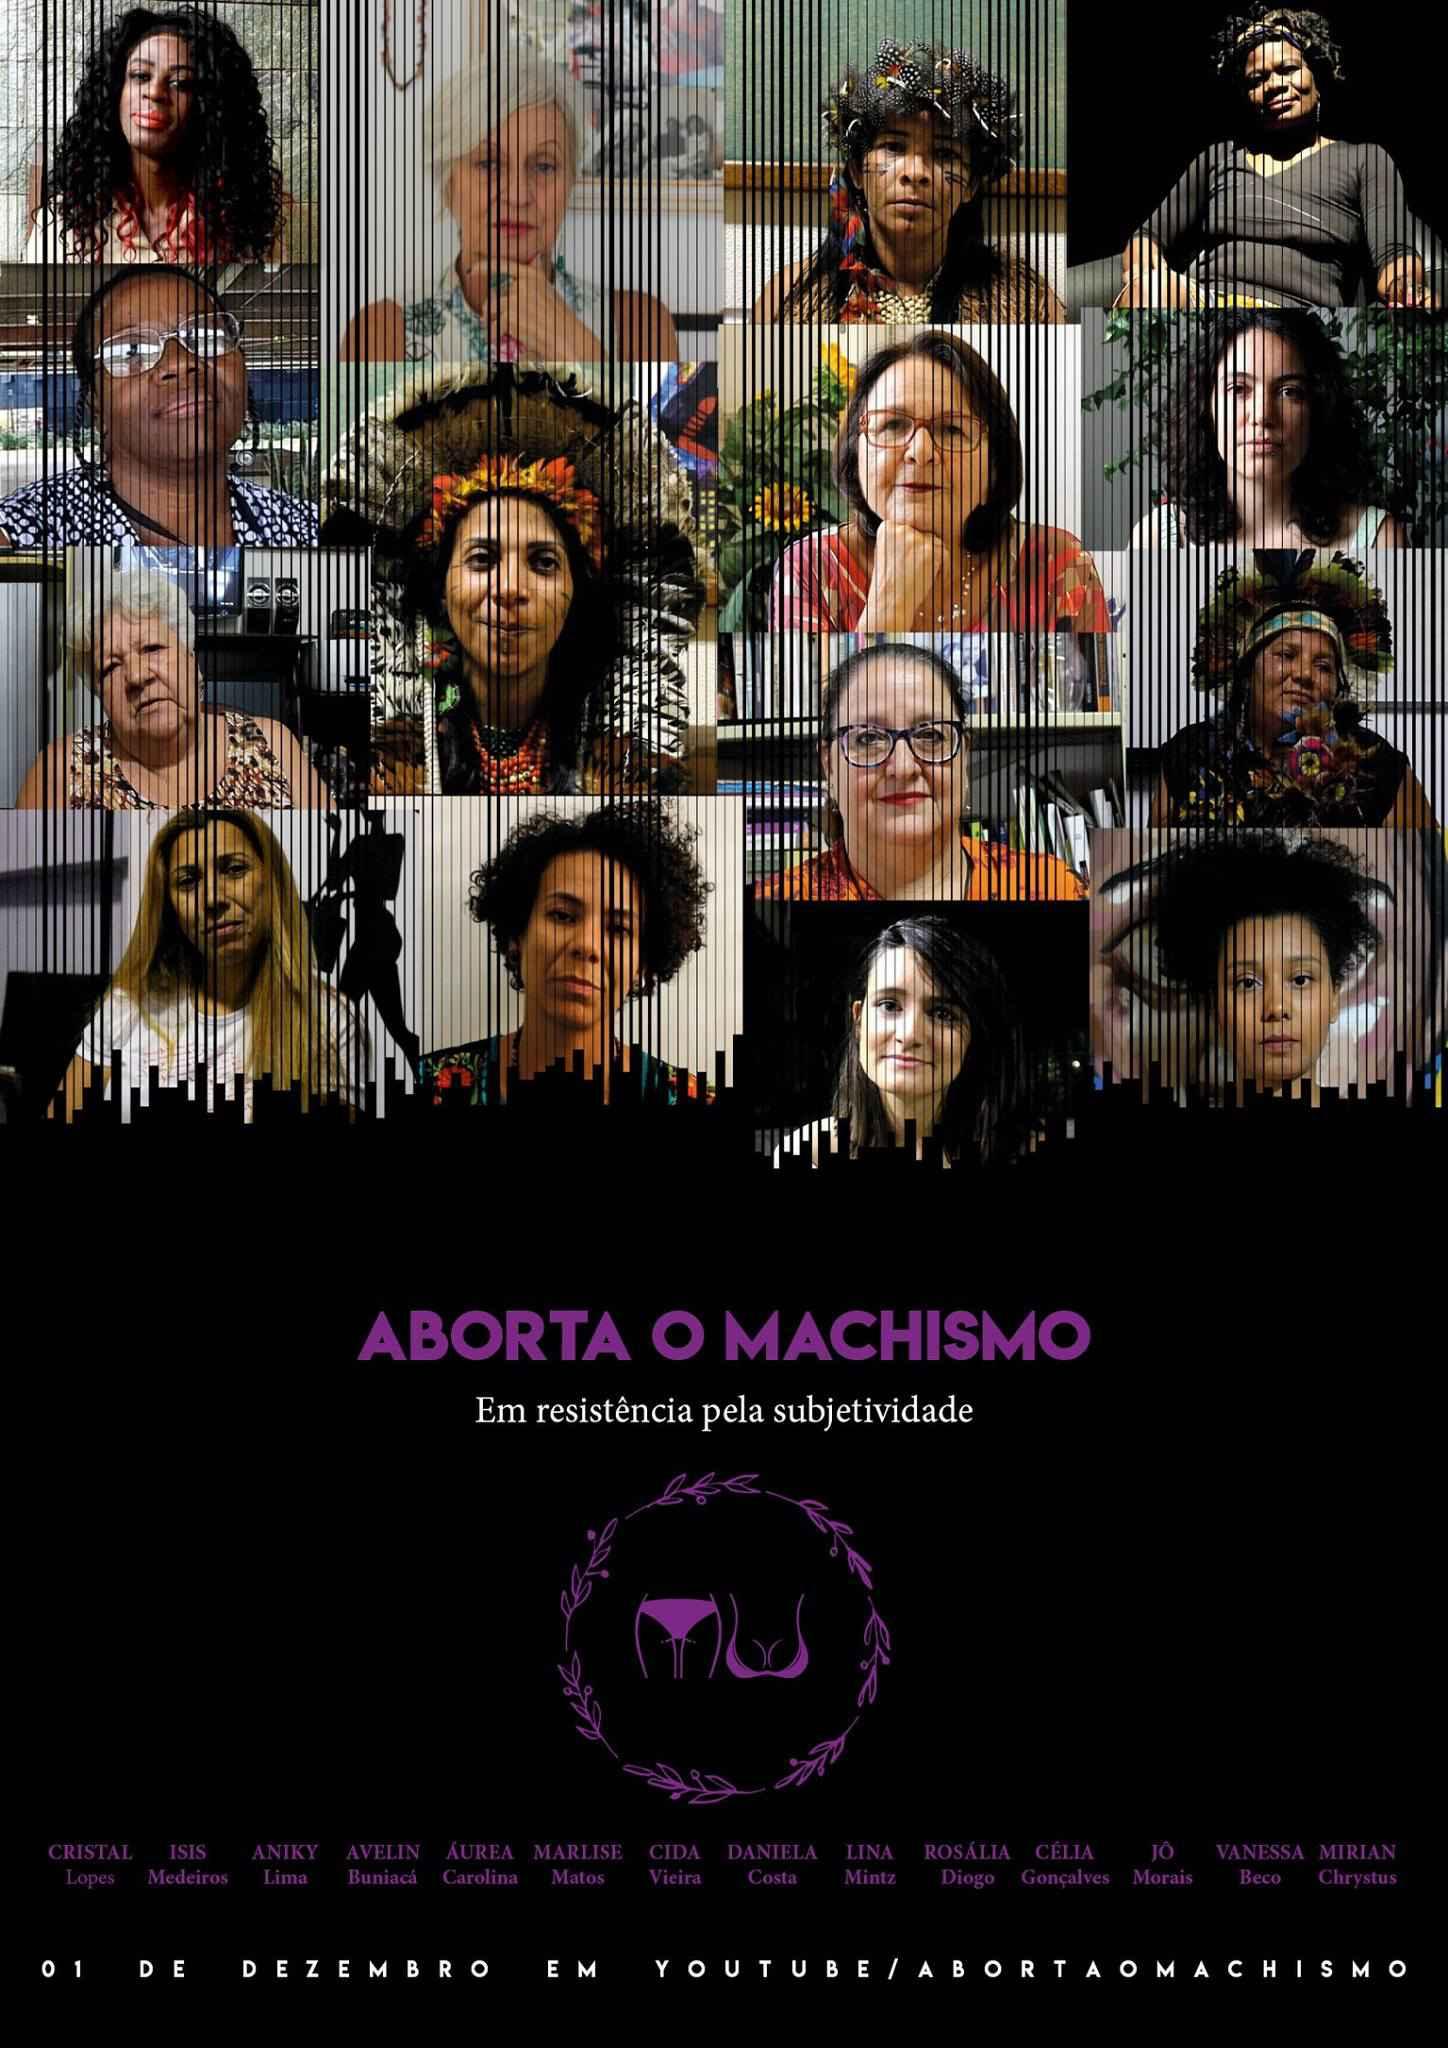 Cartaz do filme Aborta o Machismo: em resistência pela subjetividade, de Amanda Vitóri, que abre a mostra.